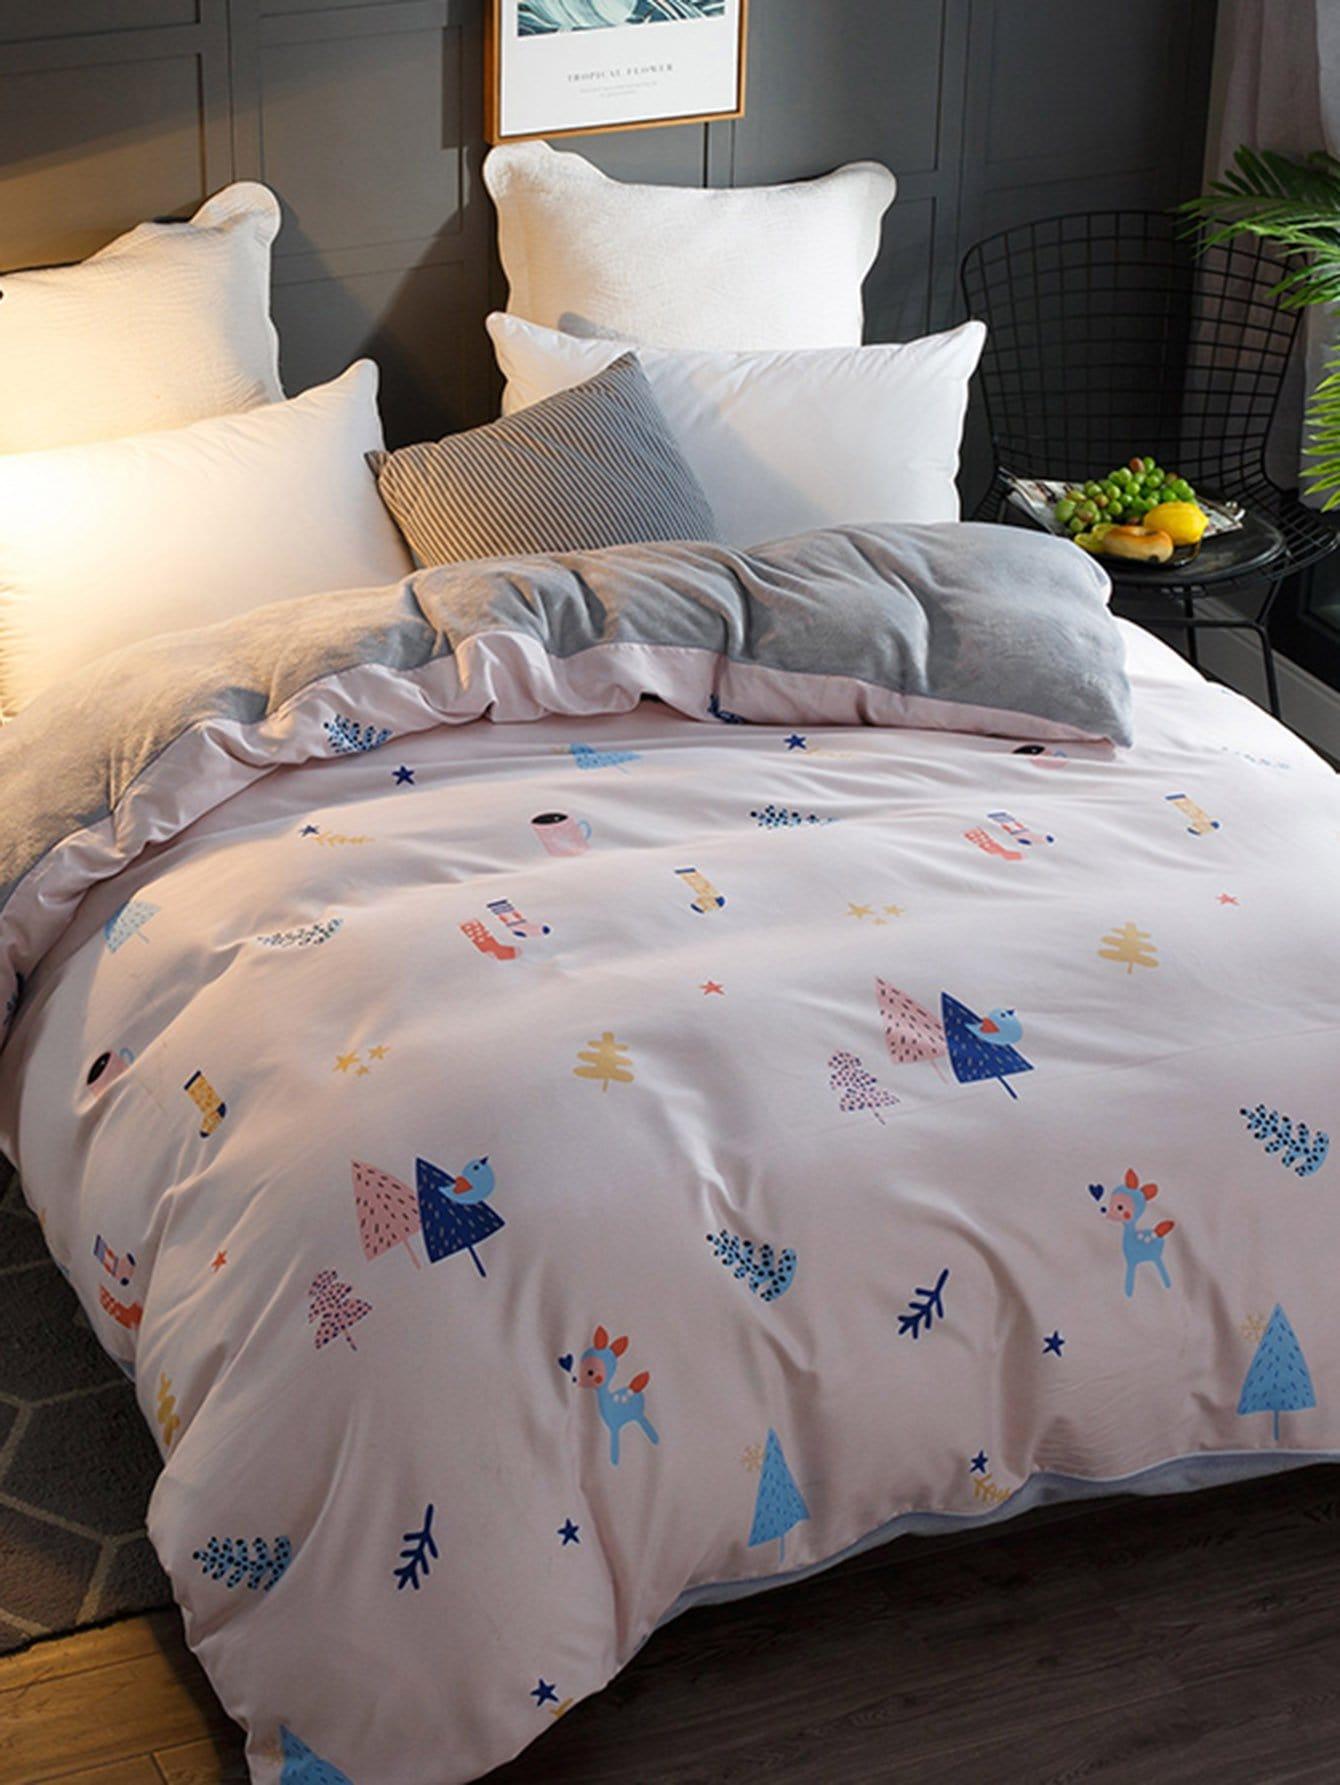 Купить Бархатное постельное бельё с рисунками мультипликаций 1 шт, null, SheIn